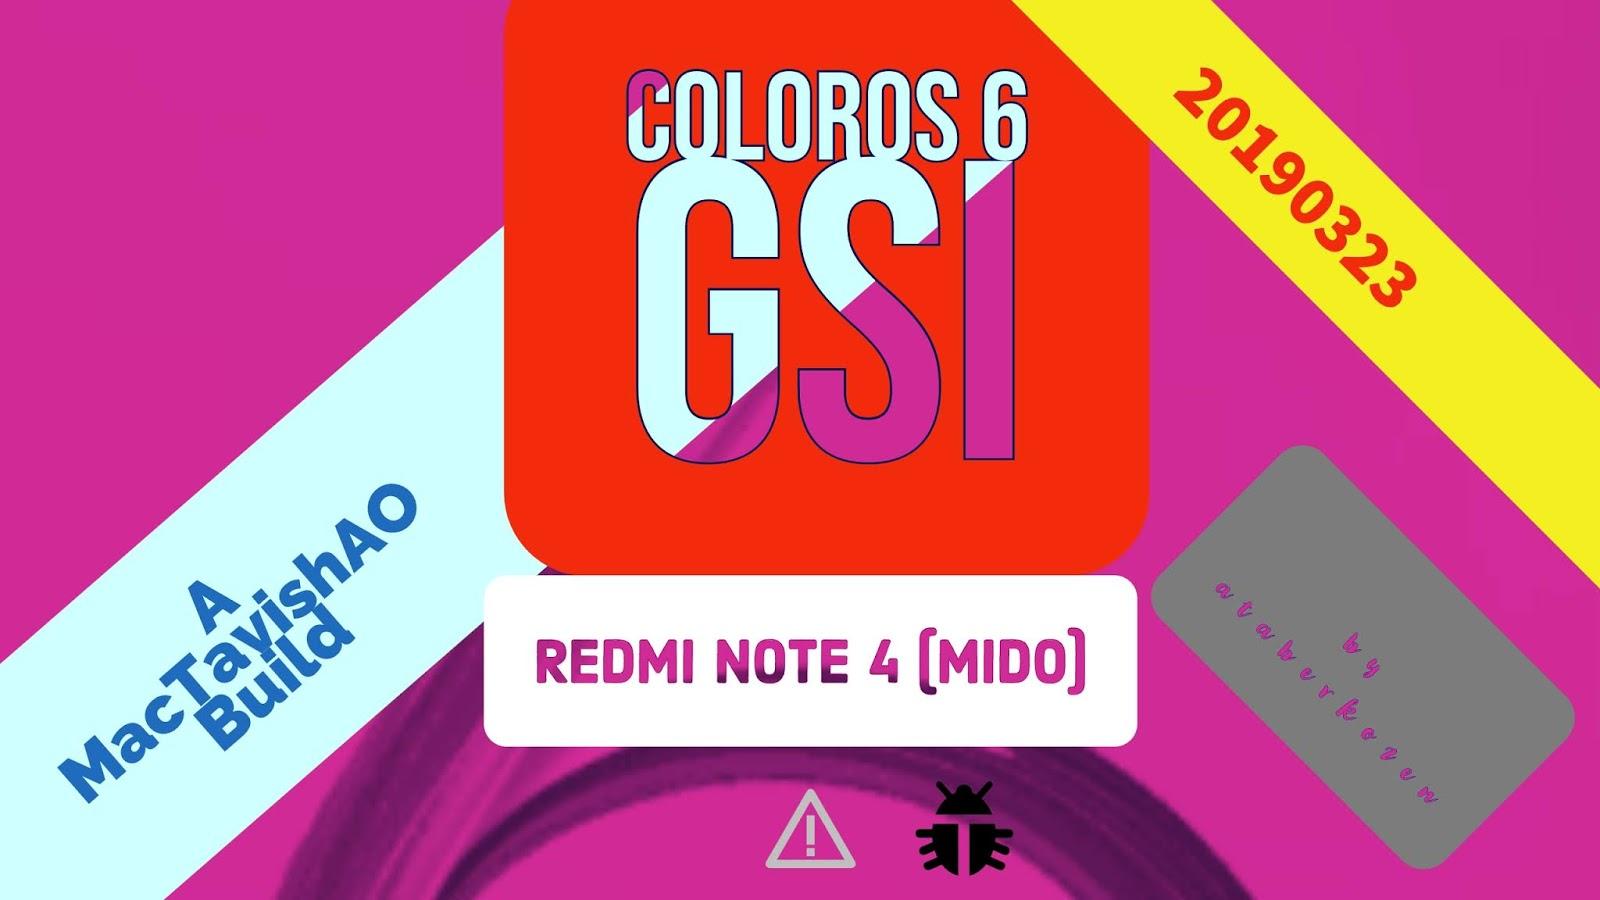 ColorOS 6 Android Pie GSI | Redmi Note 4 (Mido) [Video]